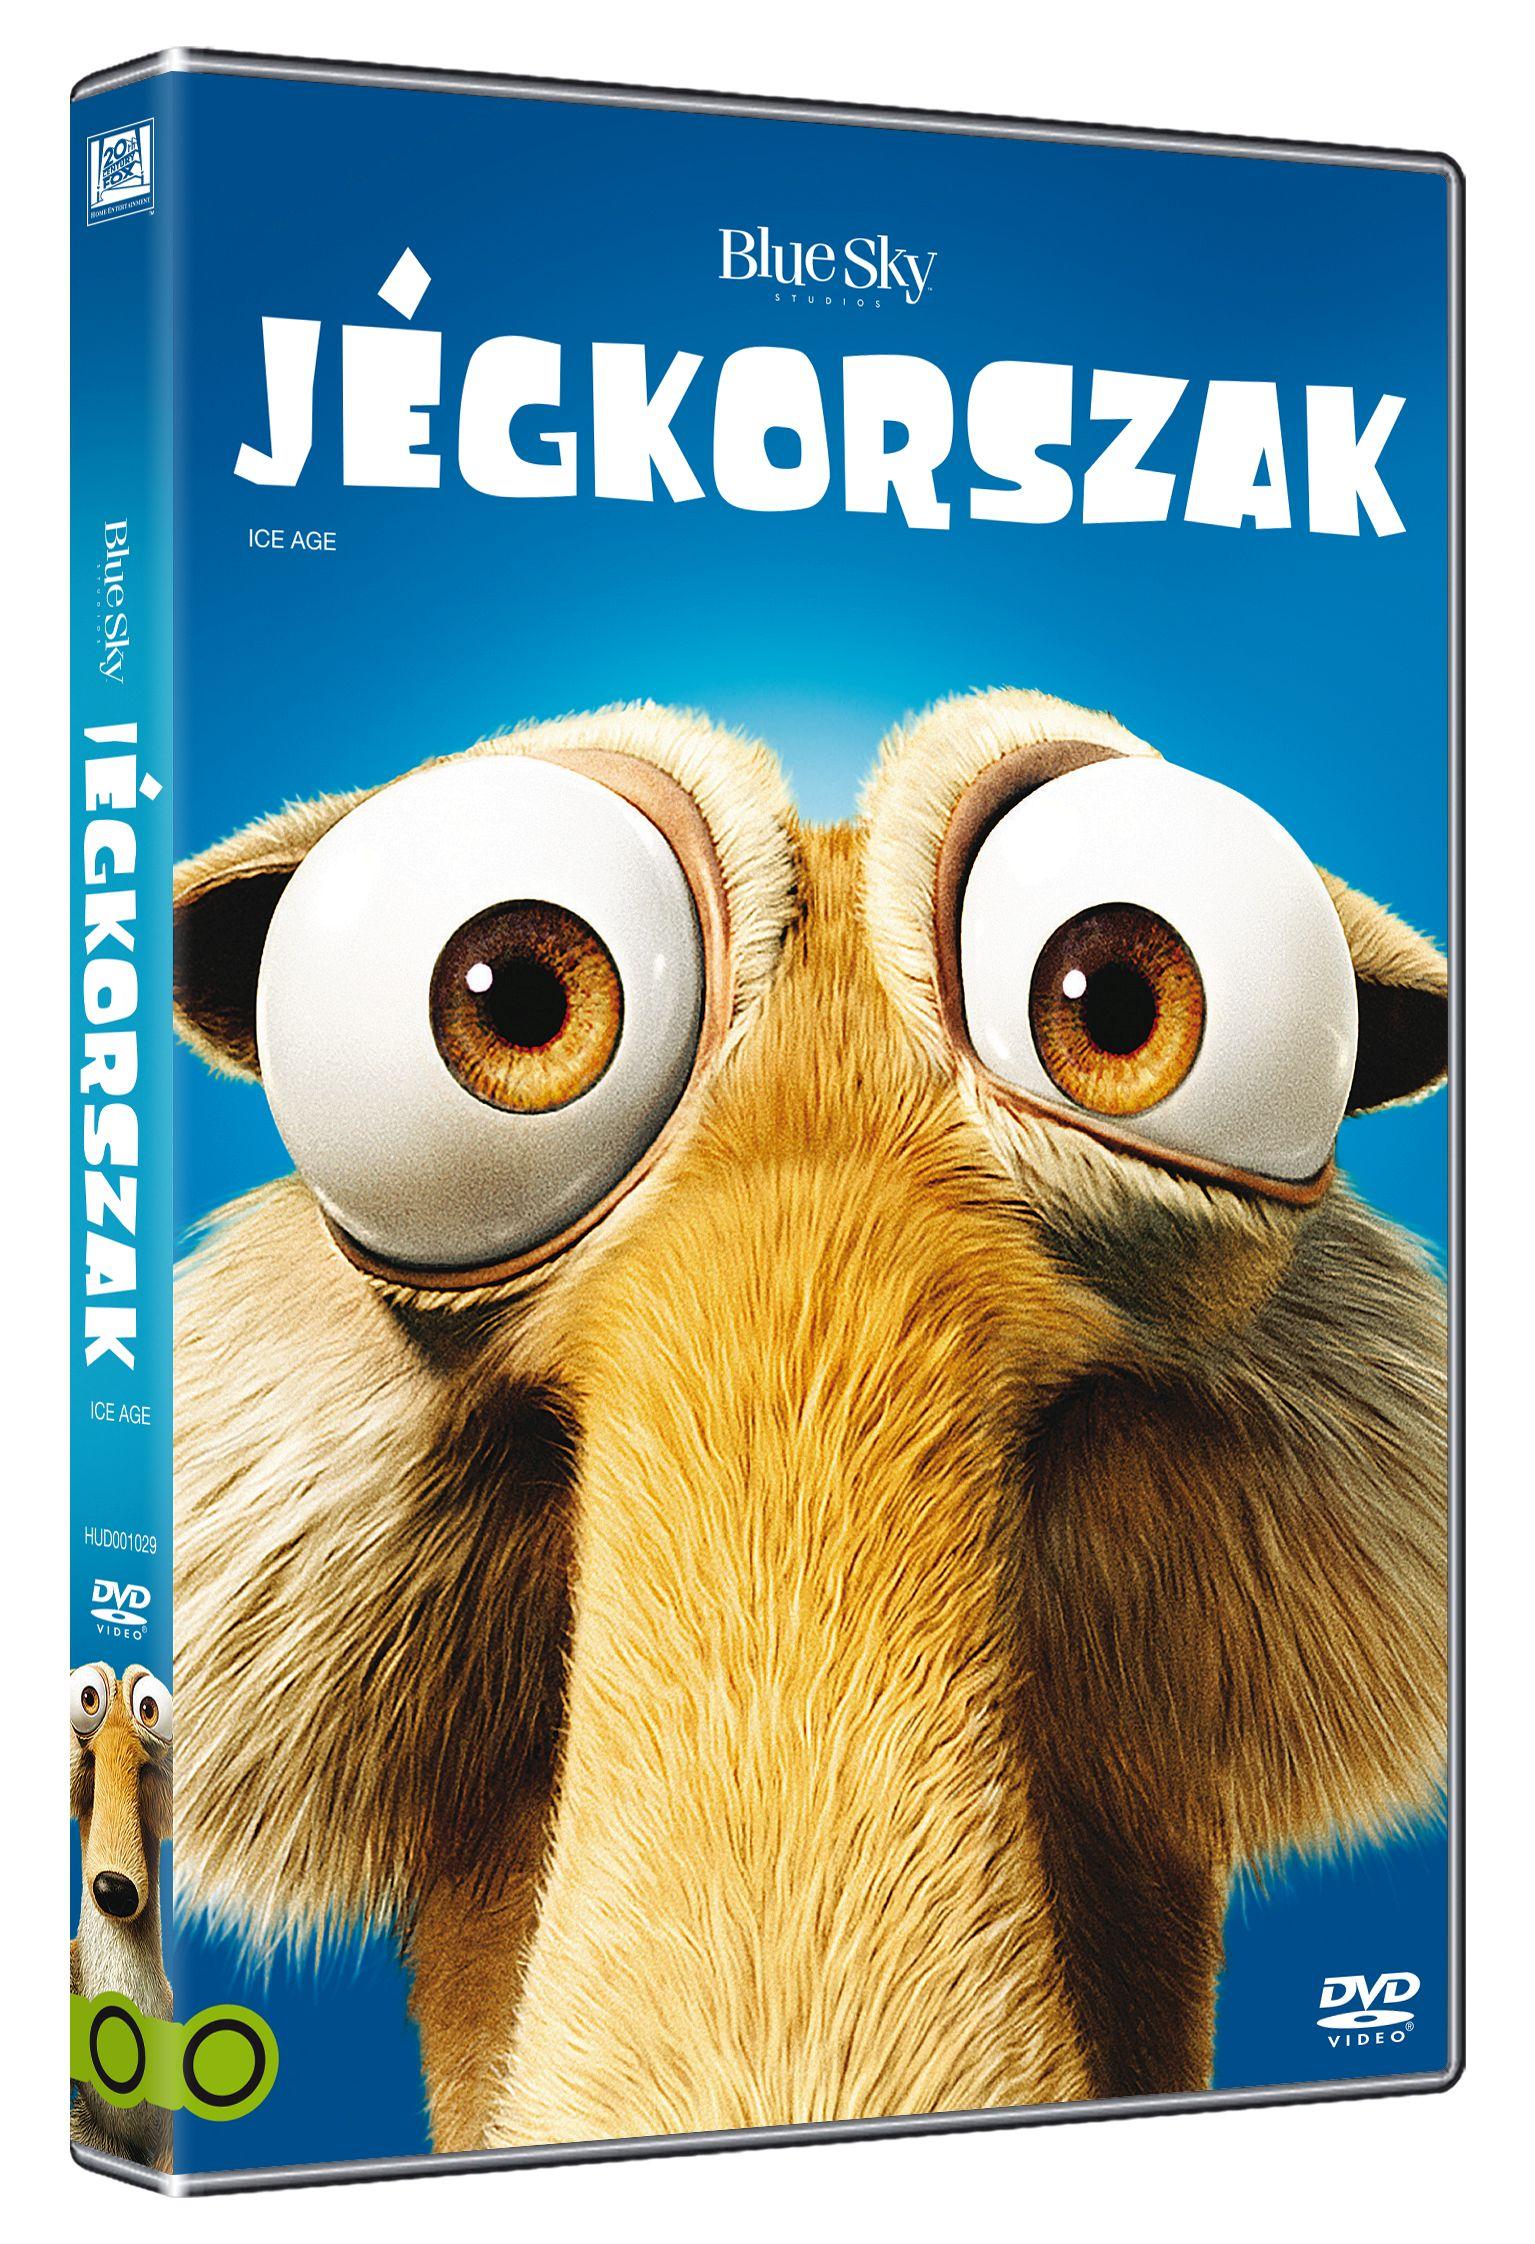 J�gkorszak DVD